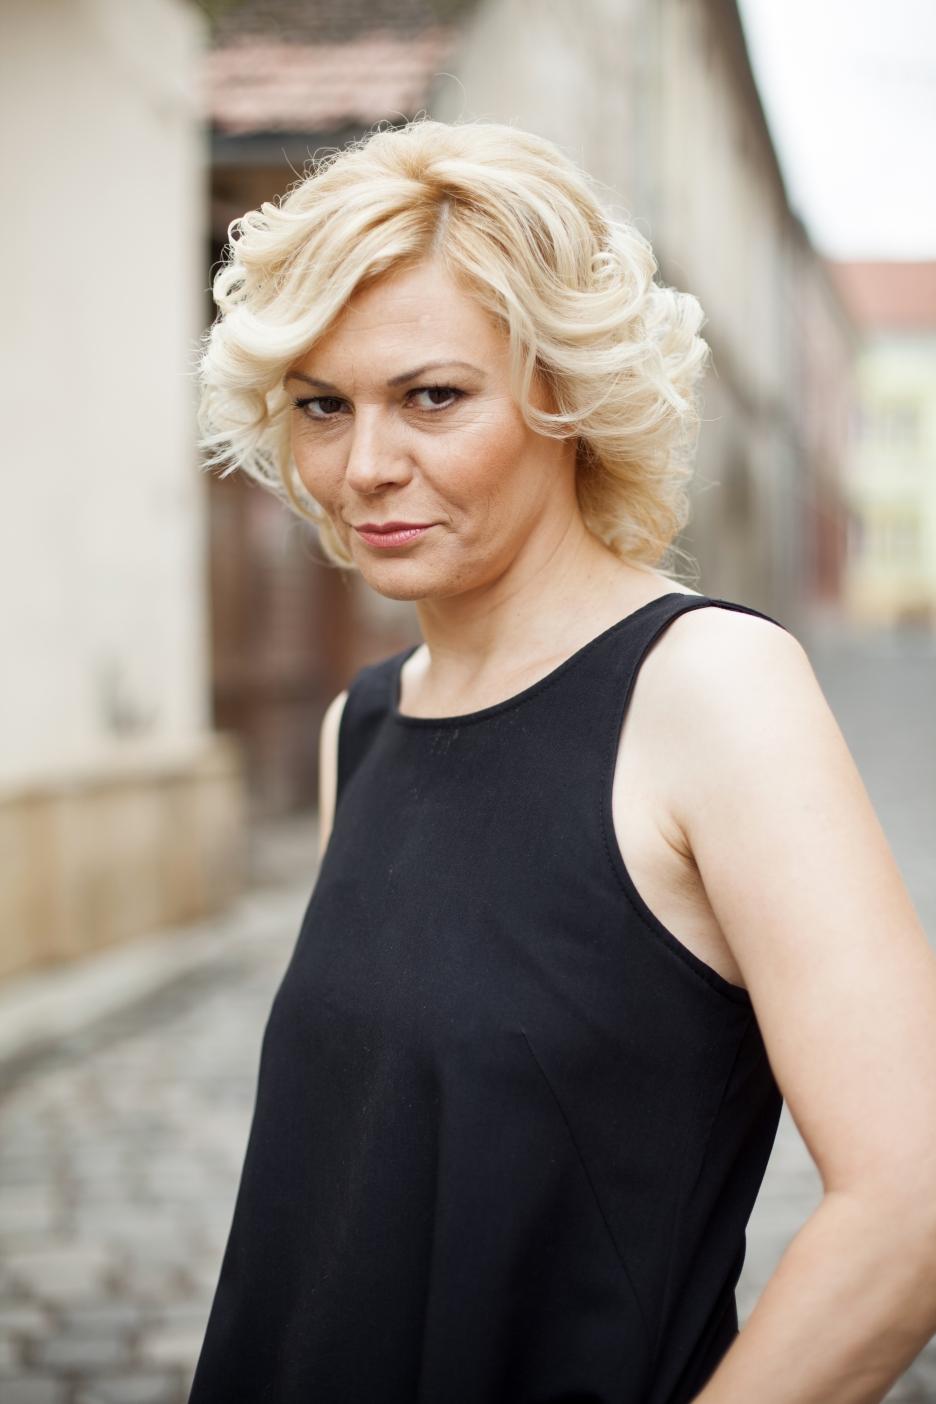 Mihaela Trofimov